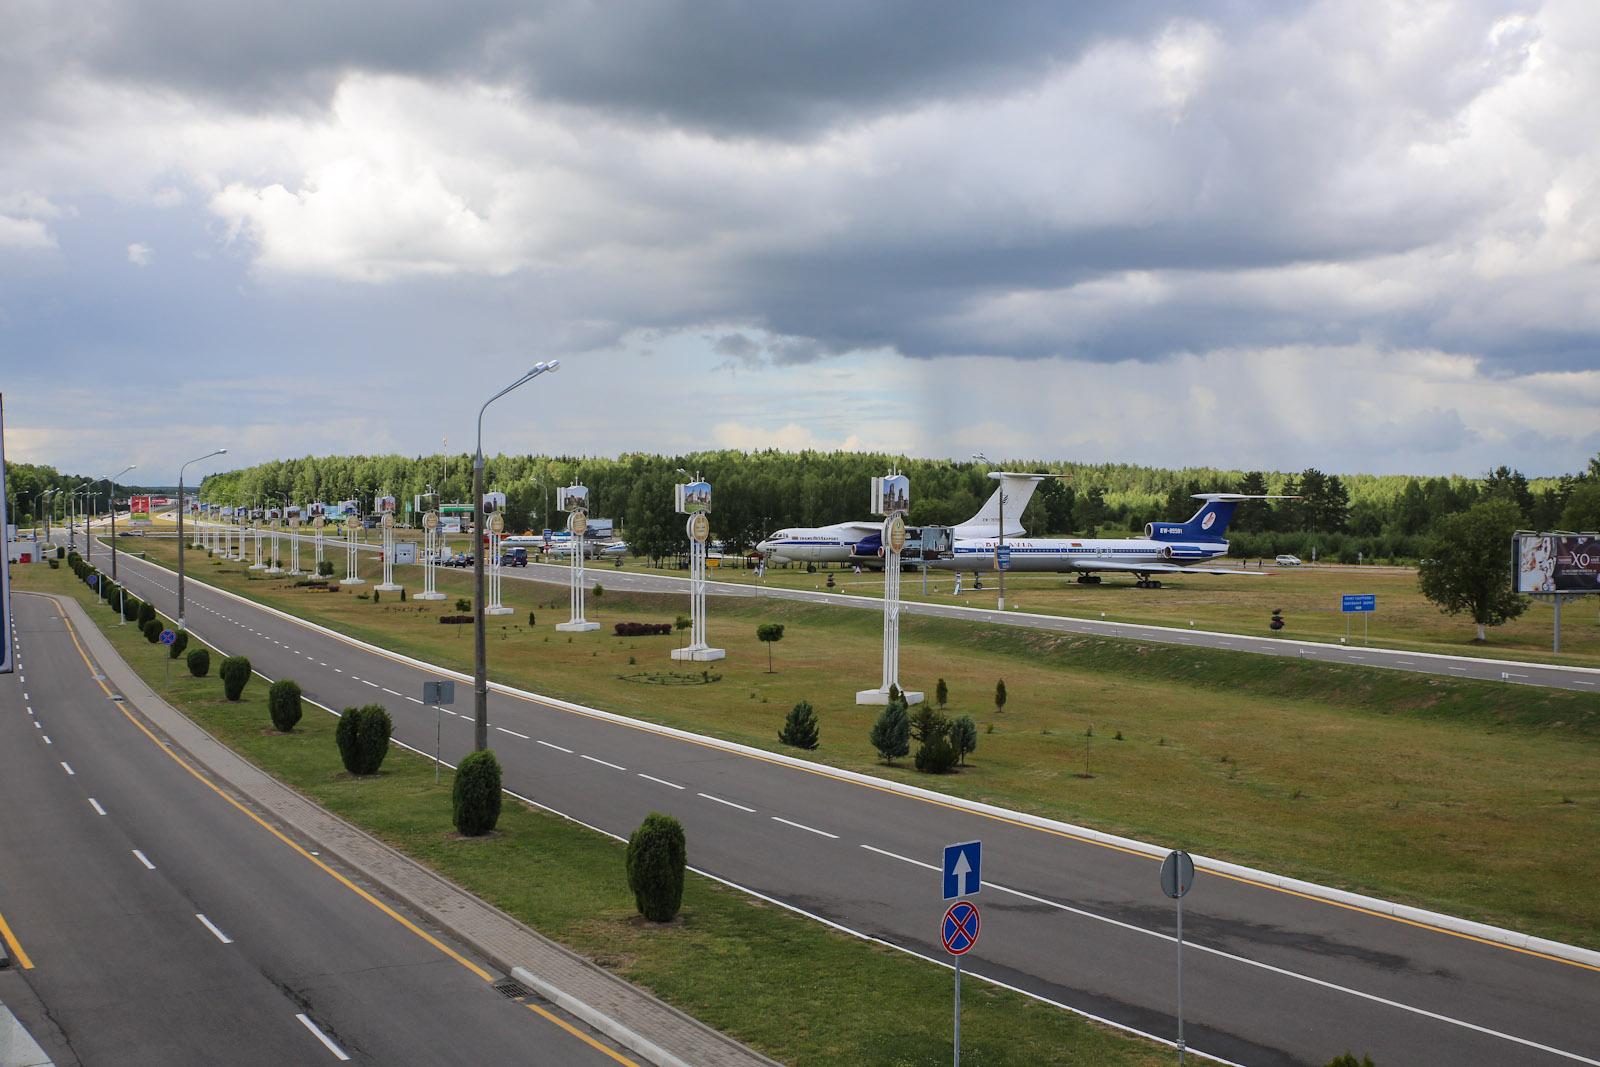 Стоянка-музей самолетов в аэропорту Минска